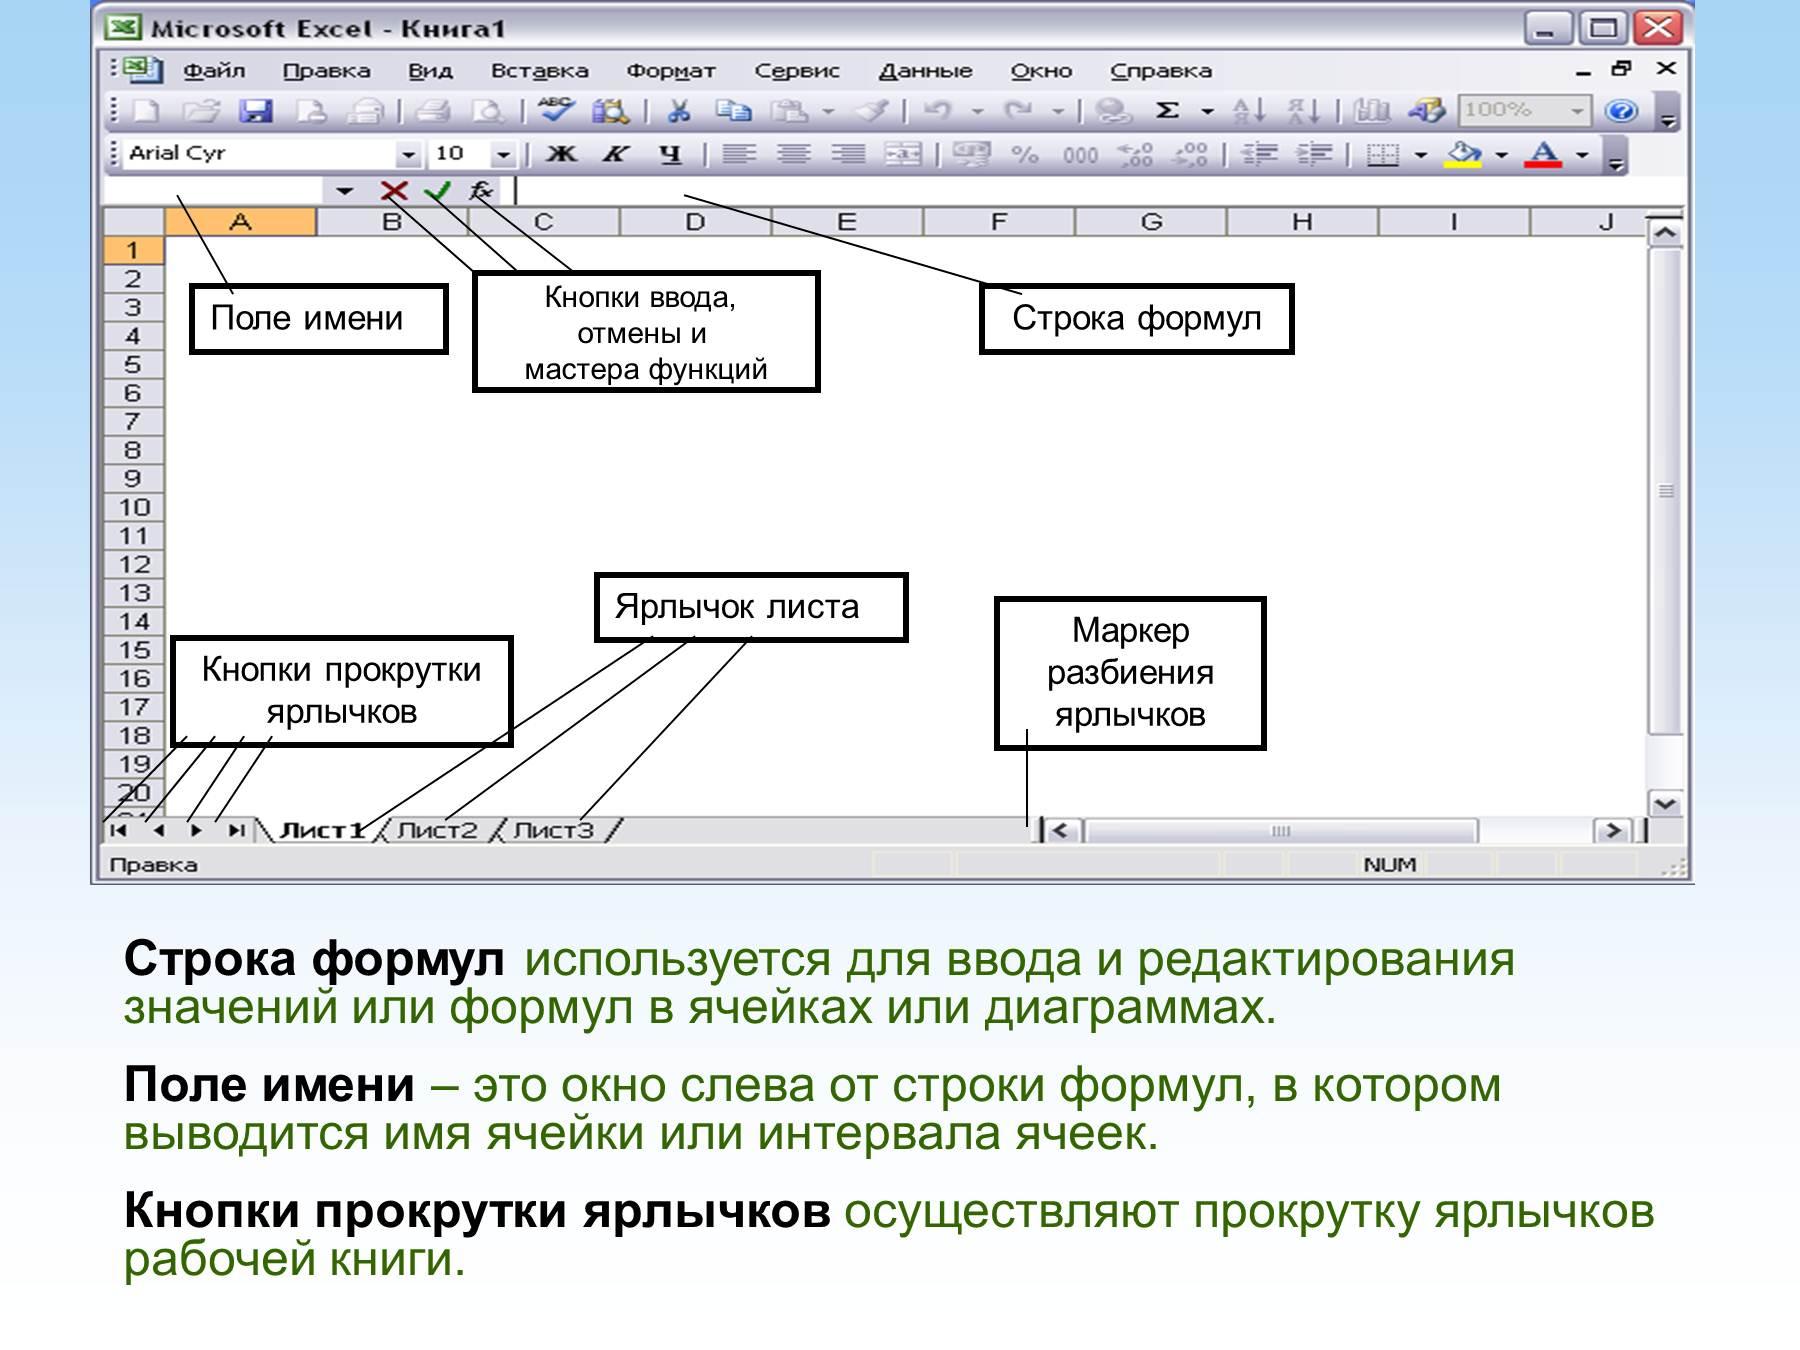 презентация по информатике на тему работа с эксель